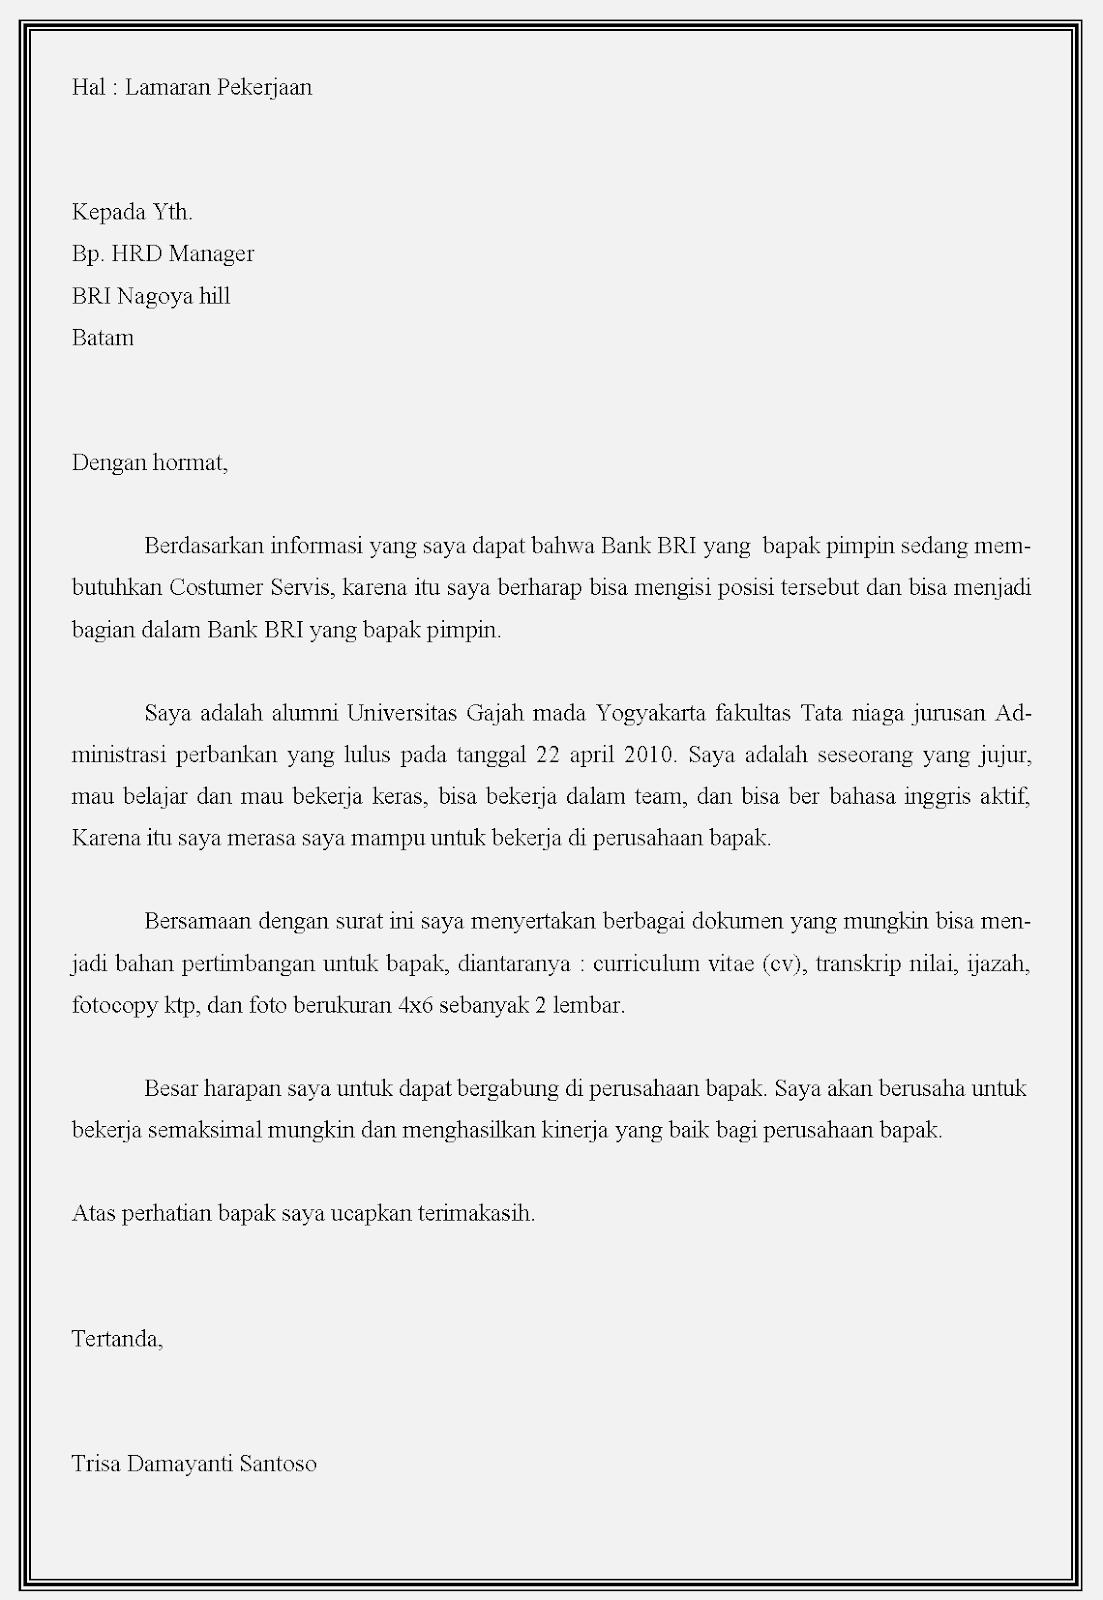 Contoh Surat Lamaran Kerja Di Bank Memakai Bahasa Inggris